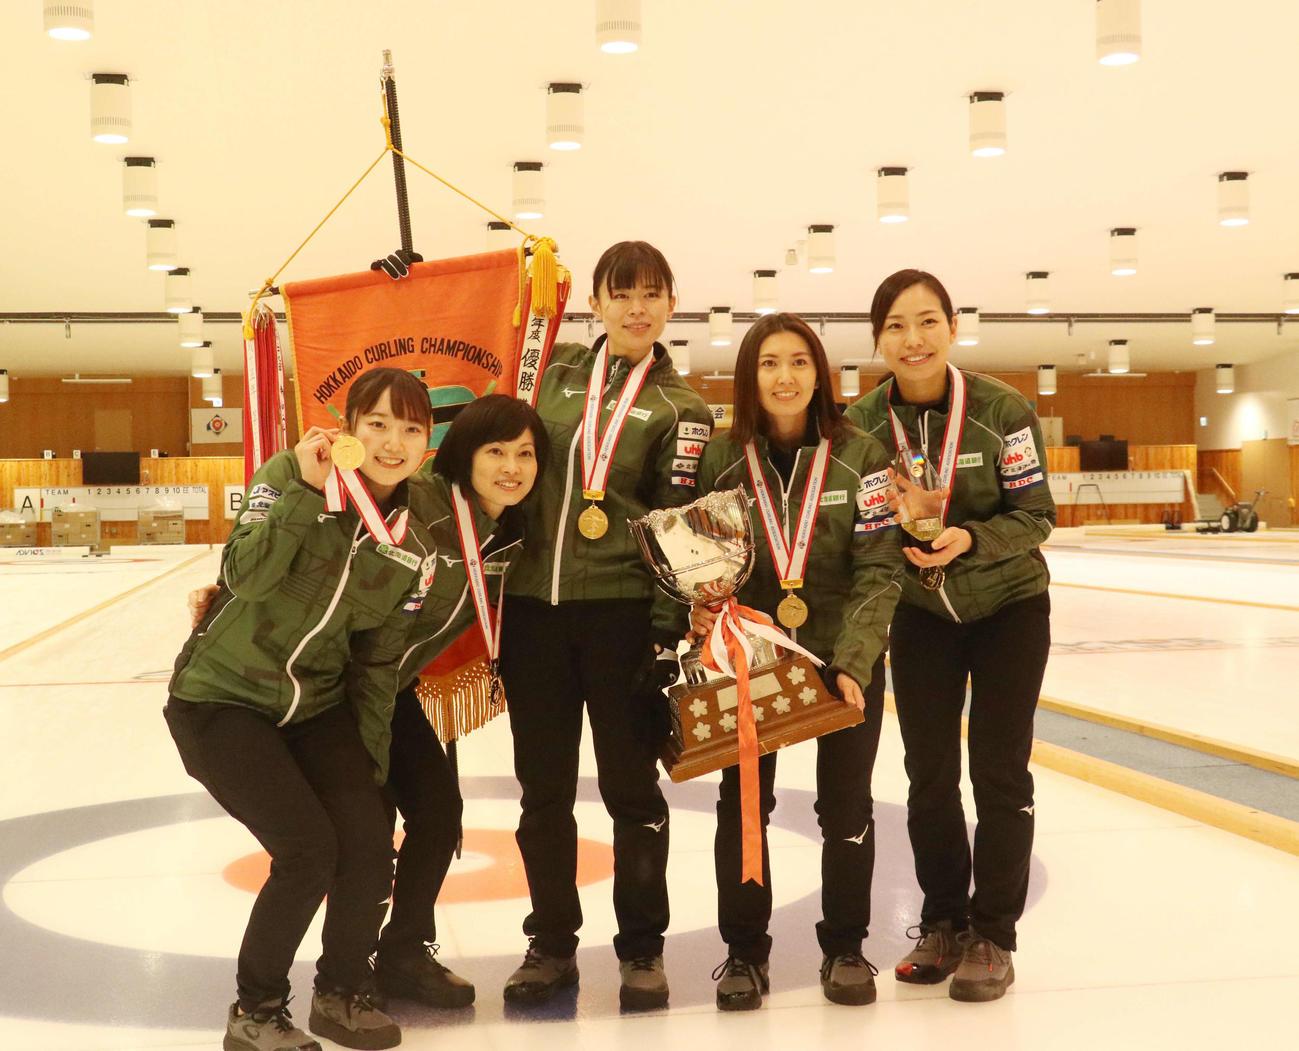 優勝して日本選手権切符を獲得した北海道銀行の選手たち。左から伊藤、船山、小野寺、吉村、近江谷(撮影・浅水友輝)